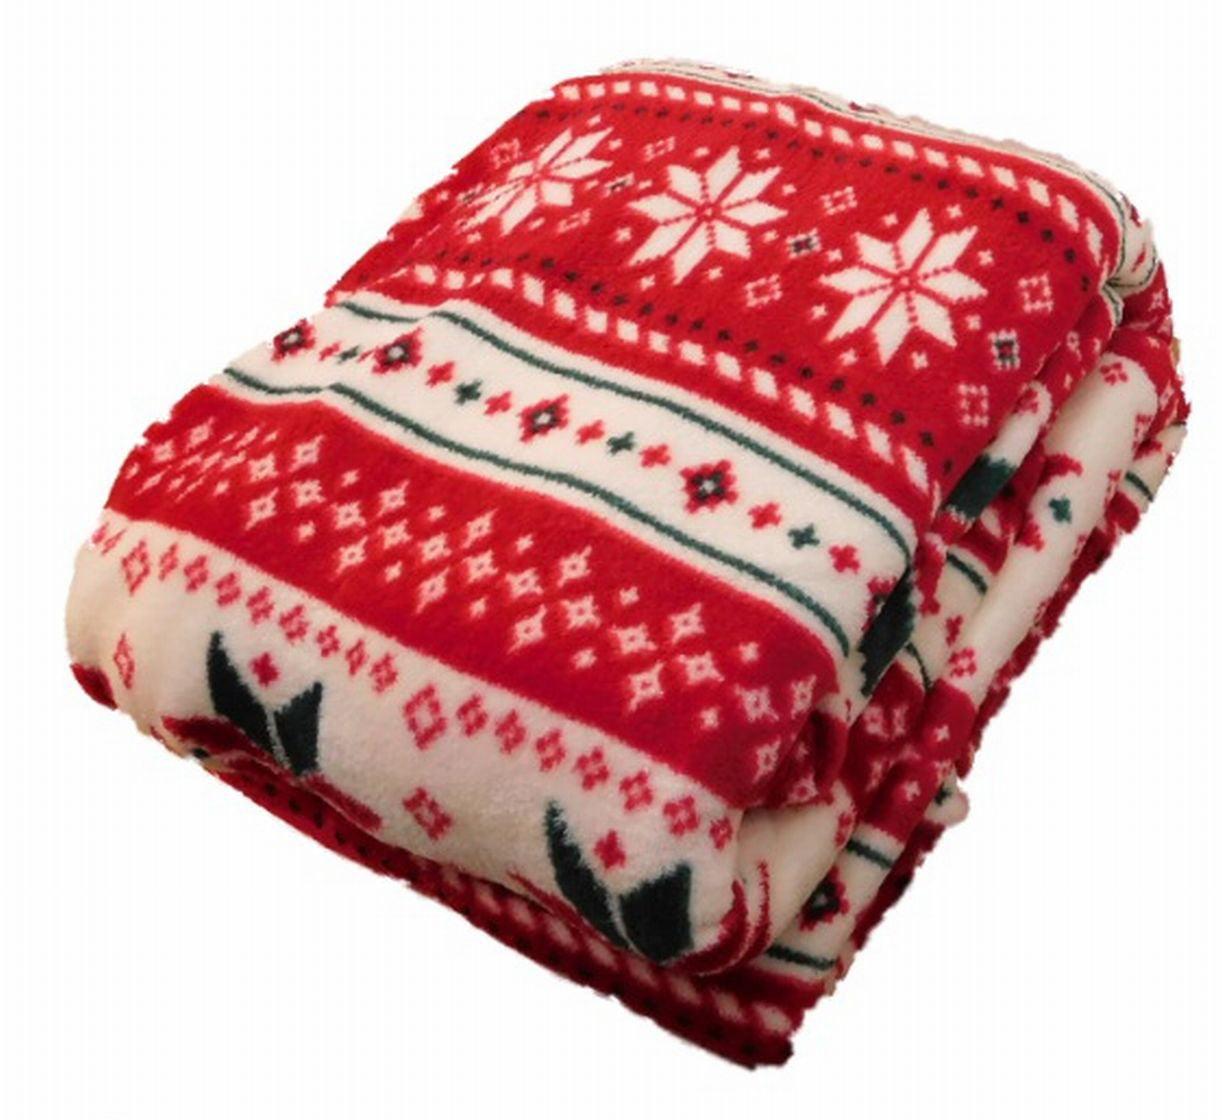 HD Designs Microplush Christmas Fair Isle Queen King Bed Fleece ...